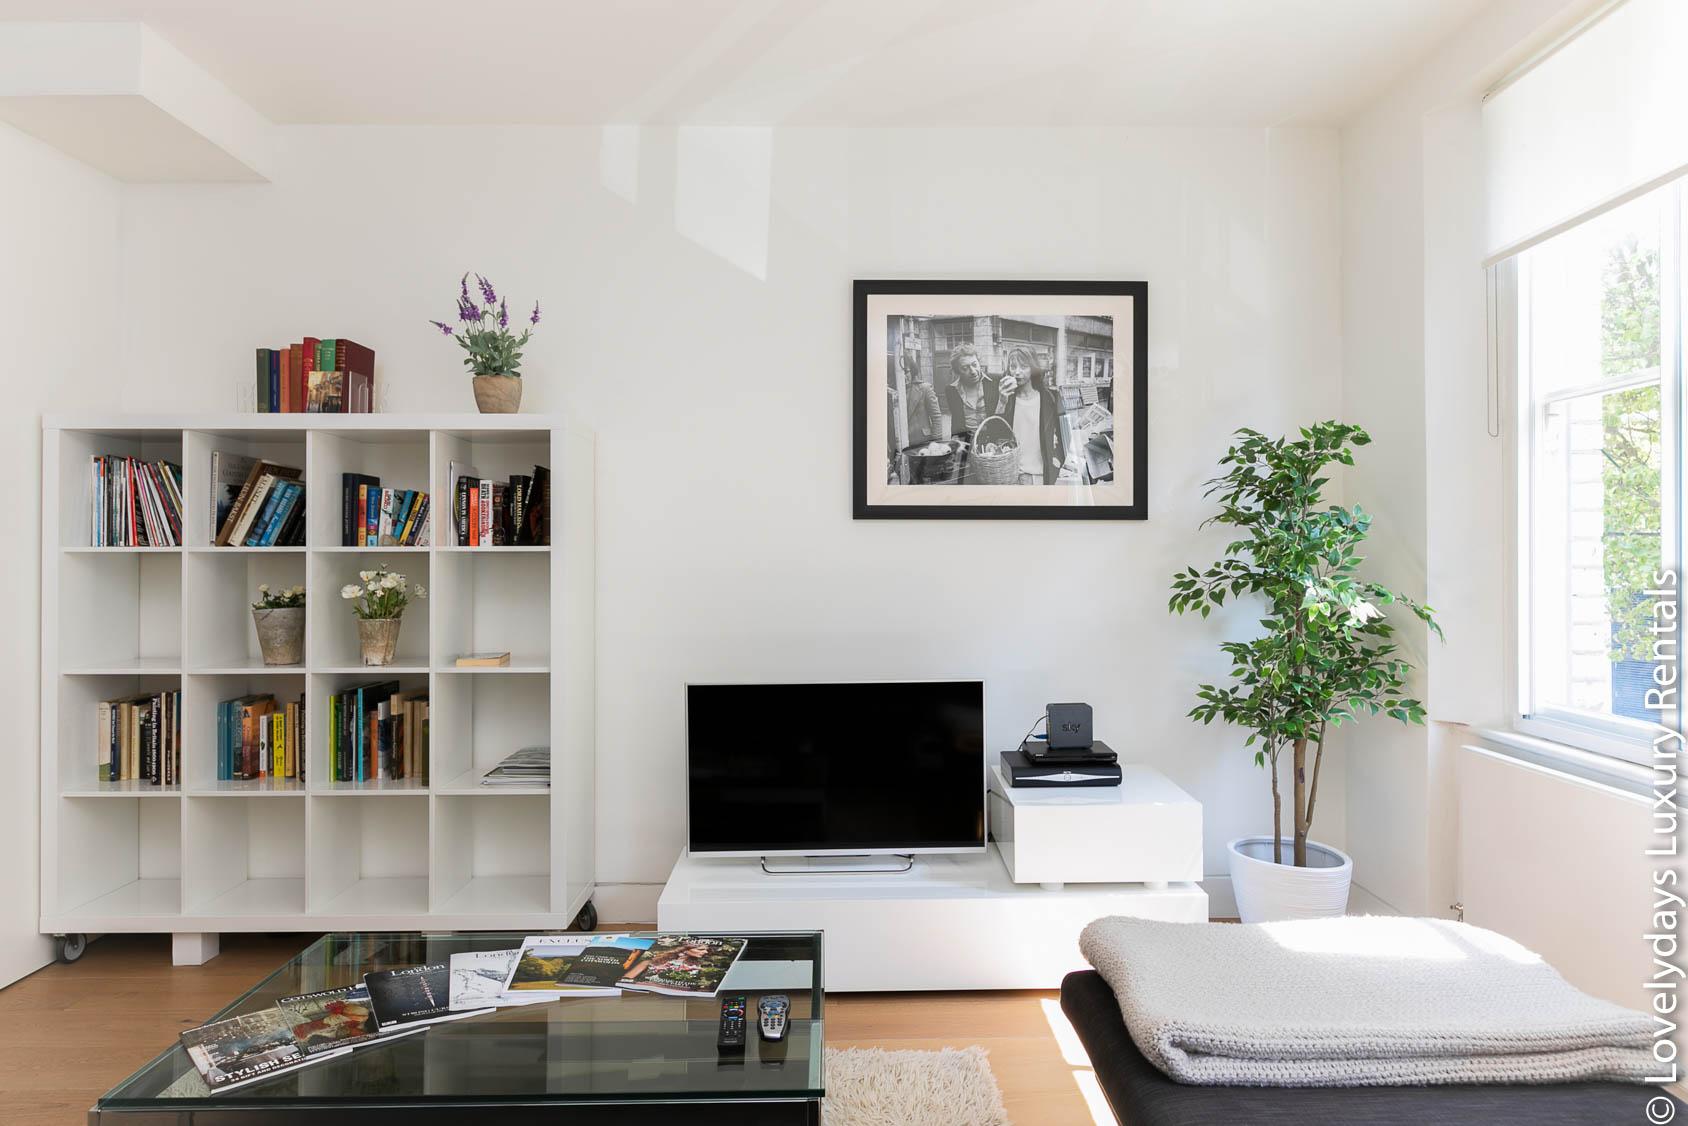 Lovelydays luxury service apartment rental - London - Fitzrovia - Foley Street - Lovelysuite - 2 bedrooms - 2 bathrooms - TV - 86d9c3a1fb33 - Lovelydays